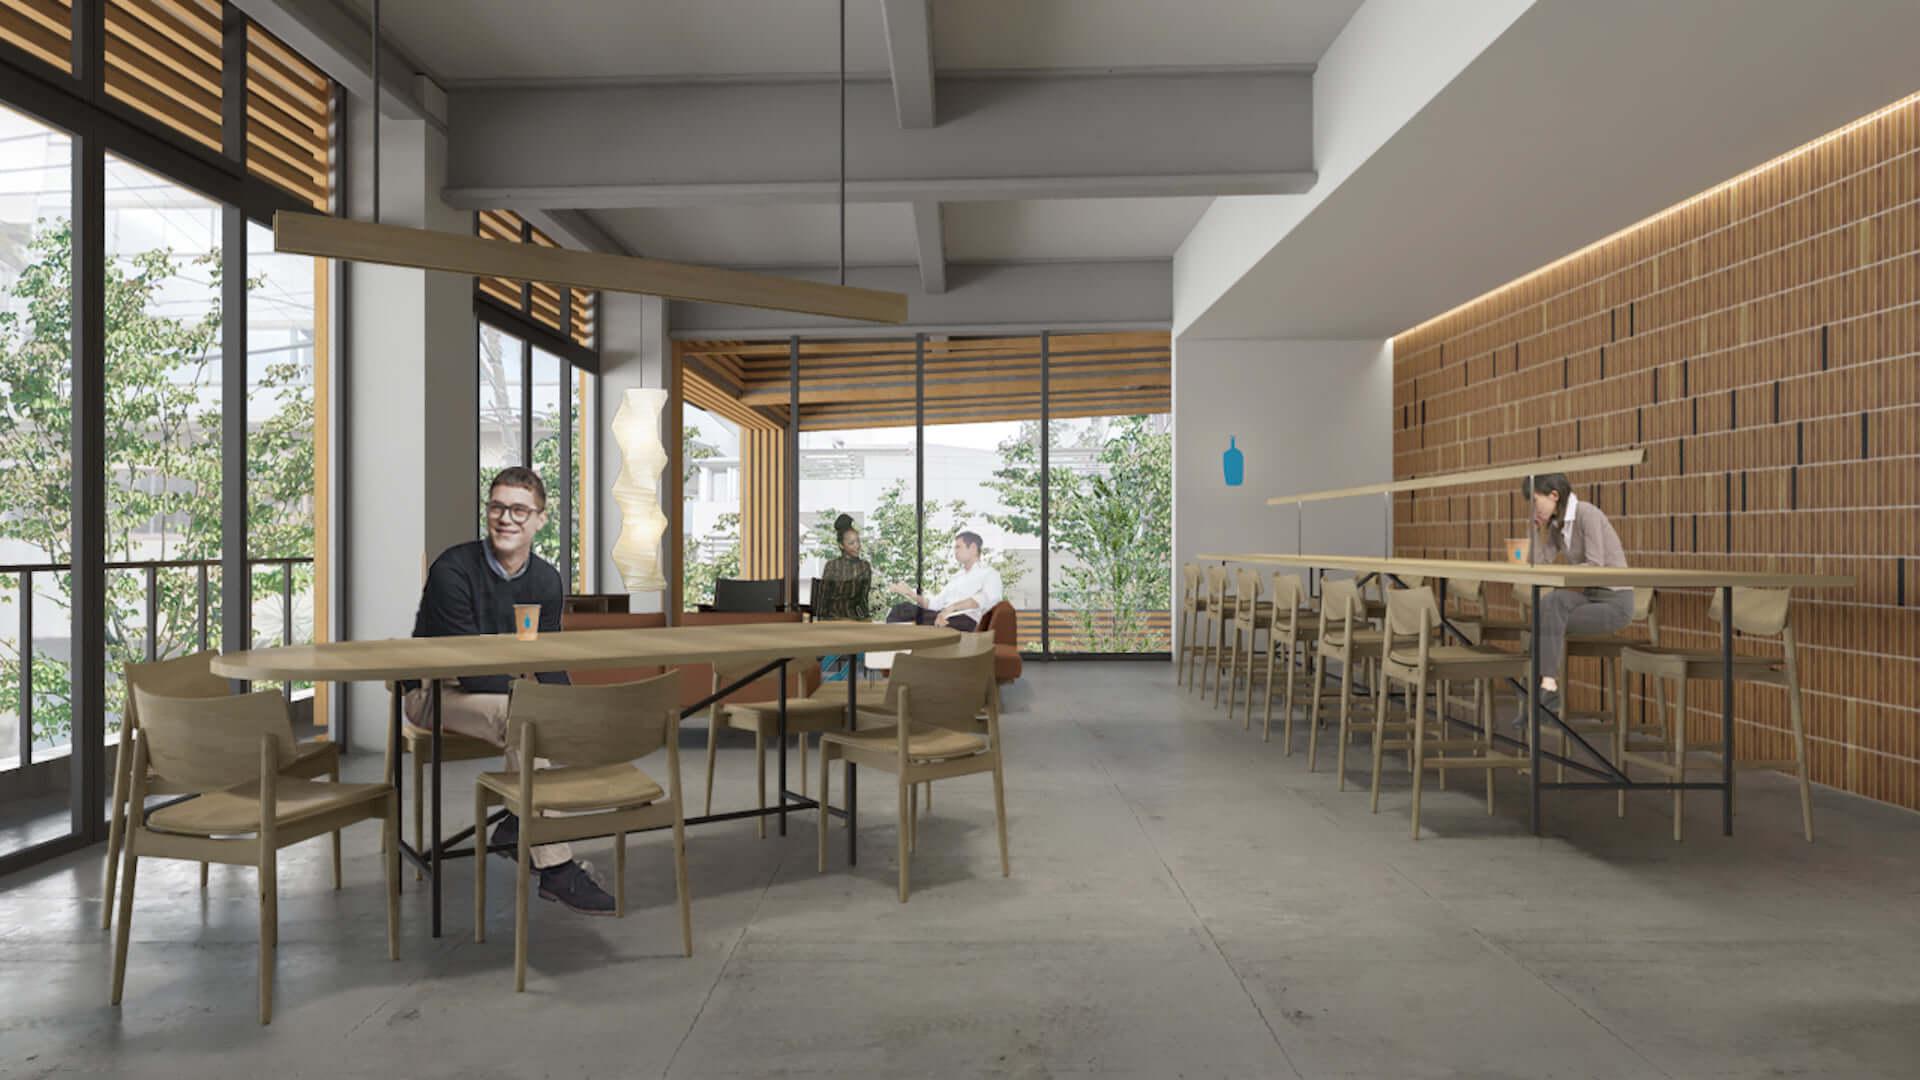 ブルーボトルコーヒー初の公園内カフェが渋谷に登場!ナチュラルワイン、ブランチプレートやチーズケーキも提供 gourmet210322_bluebottlecoffee_2-1920x1080